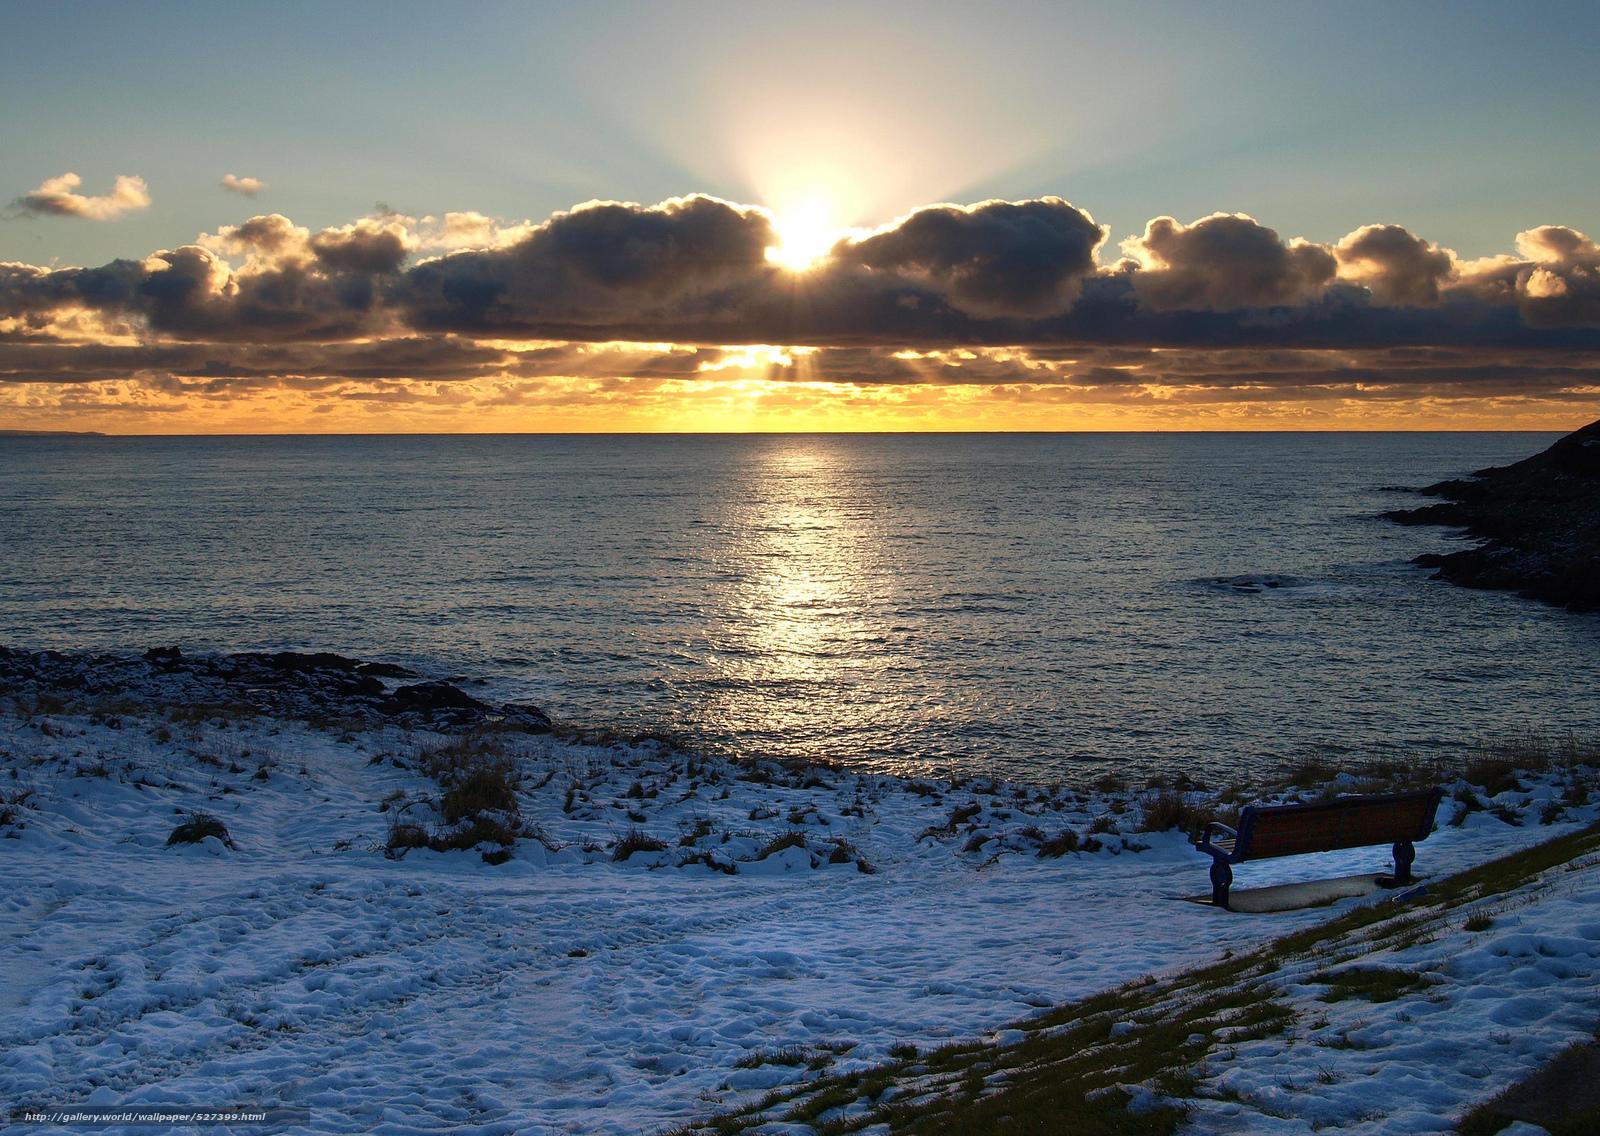 Scaricare gli sfondi inverno mare nuvole sole sfondi for Desktop gratis inverno